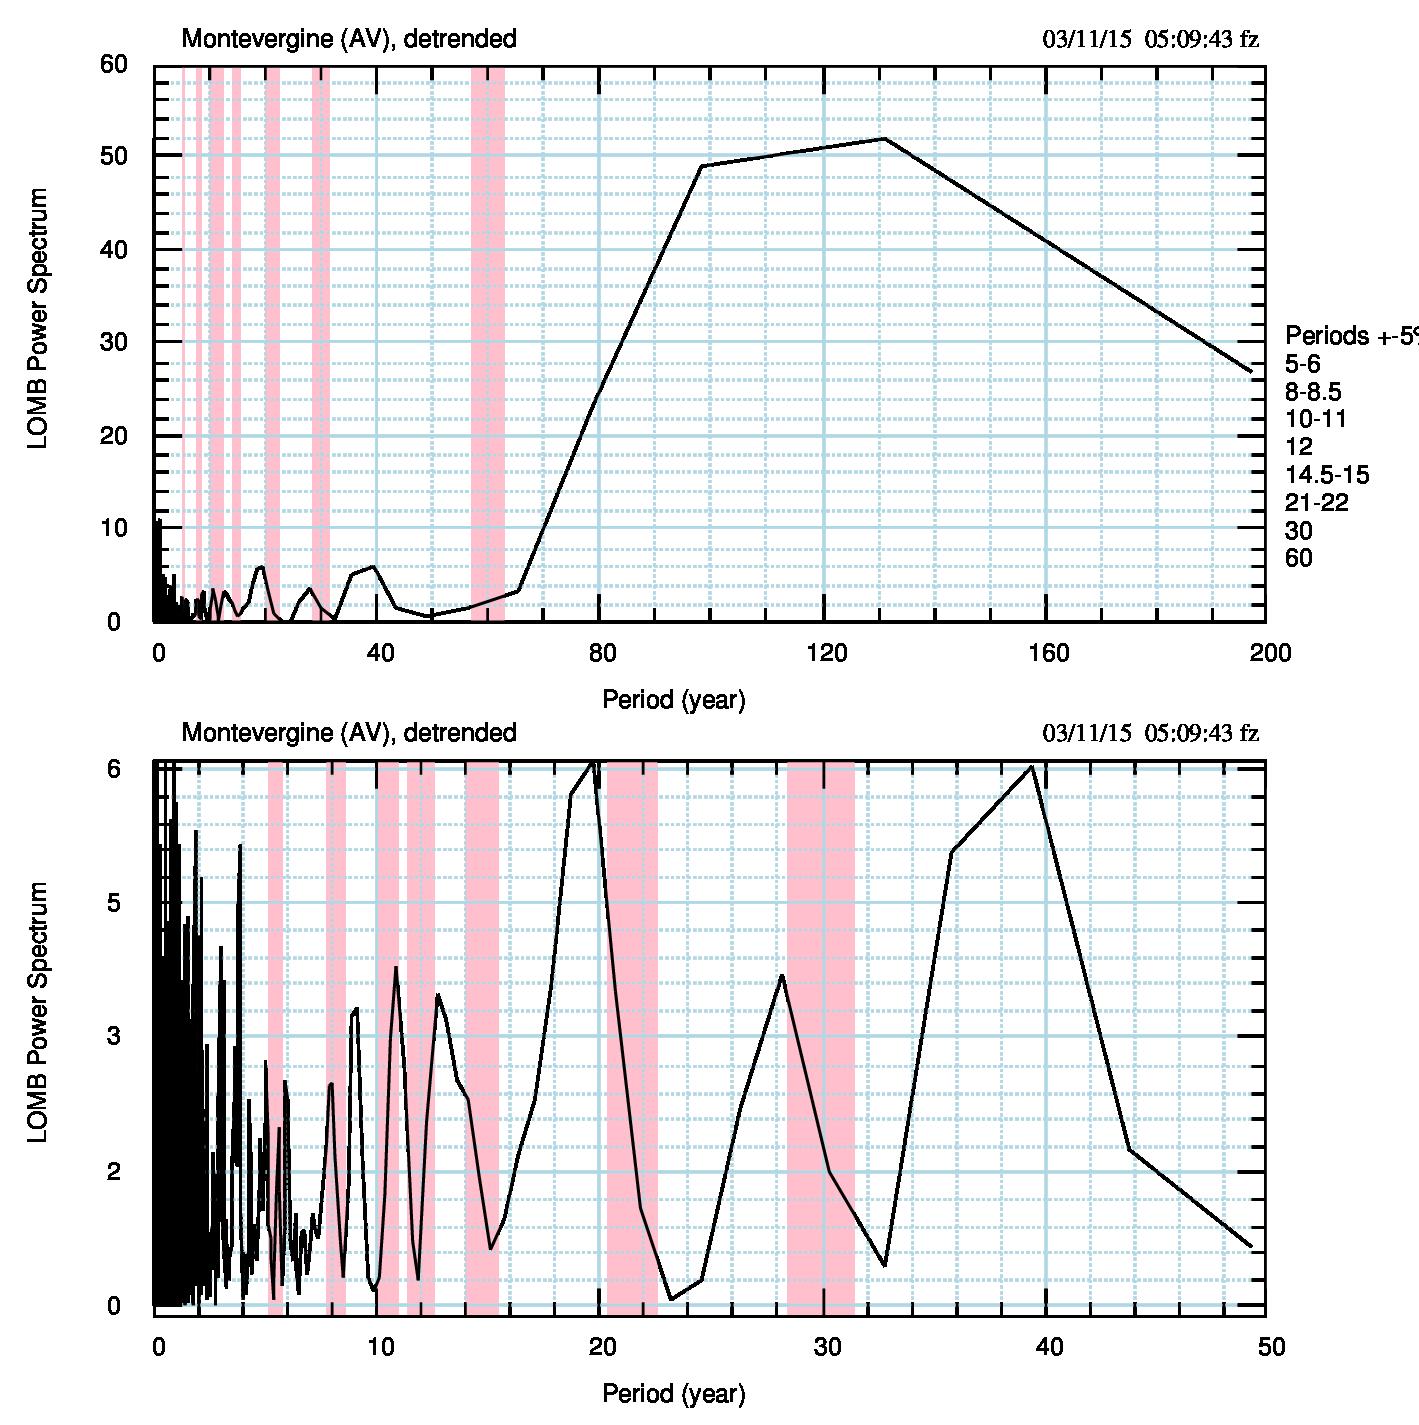 Fig.6. Come fig.5, per le anomalie medie mensili. Notare la potenza doppia rispetto allo spettro delle medie annuali.